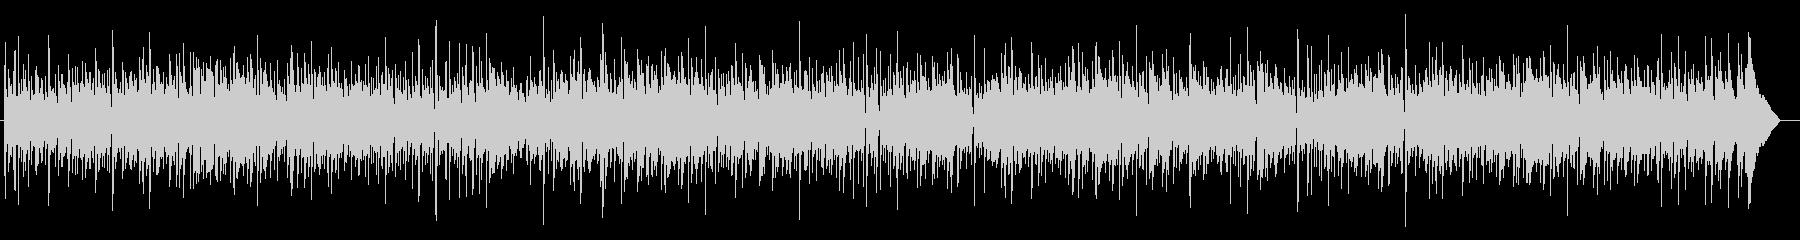 シンプルなアコギ2本のフォーク調BGMの未再生の波形